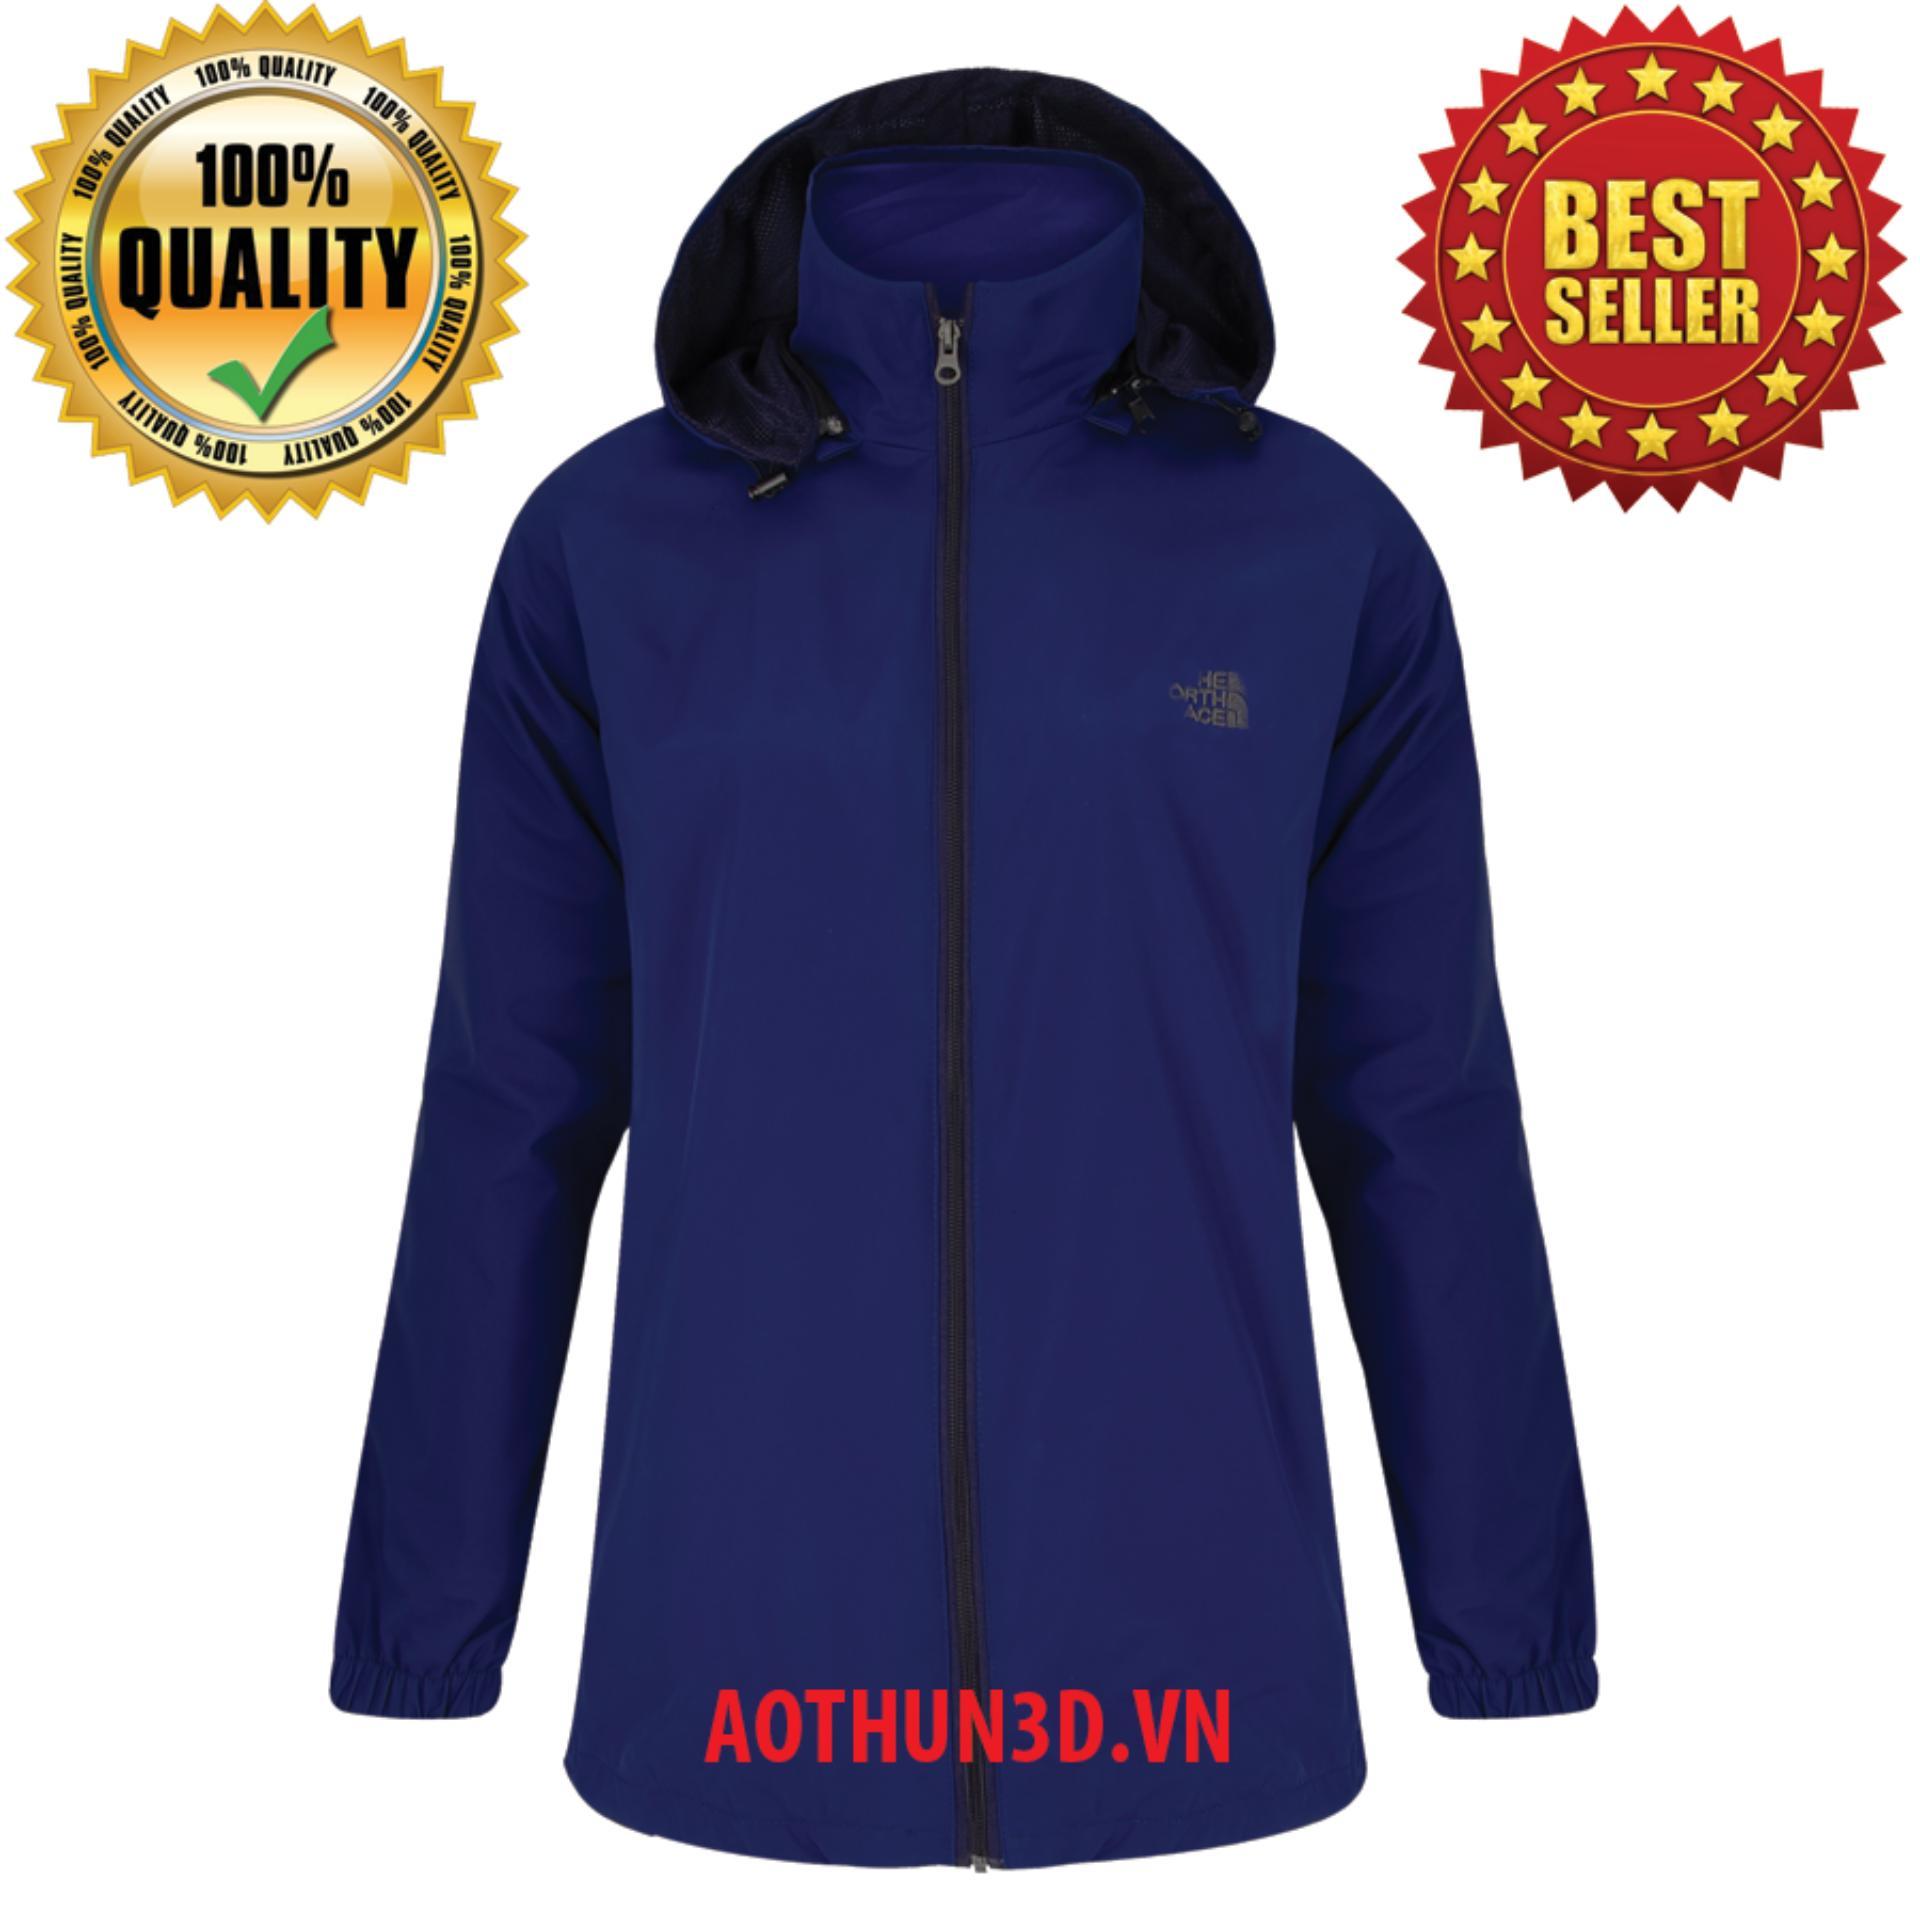 Chỗ nào bán Áo khoác nữ chất liệu dù cao cấp, áo khoác gió đi mưa chống nắng, giữ ấm hiệu quả